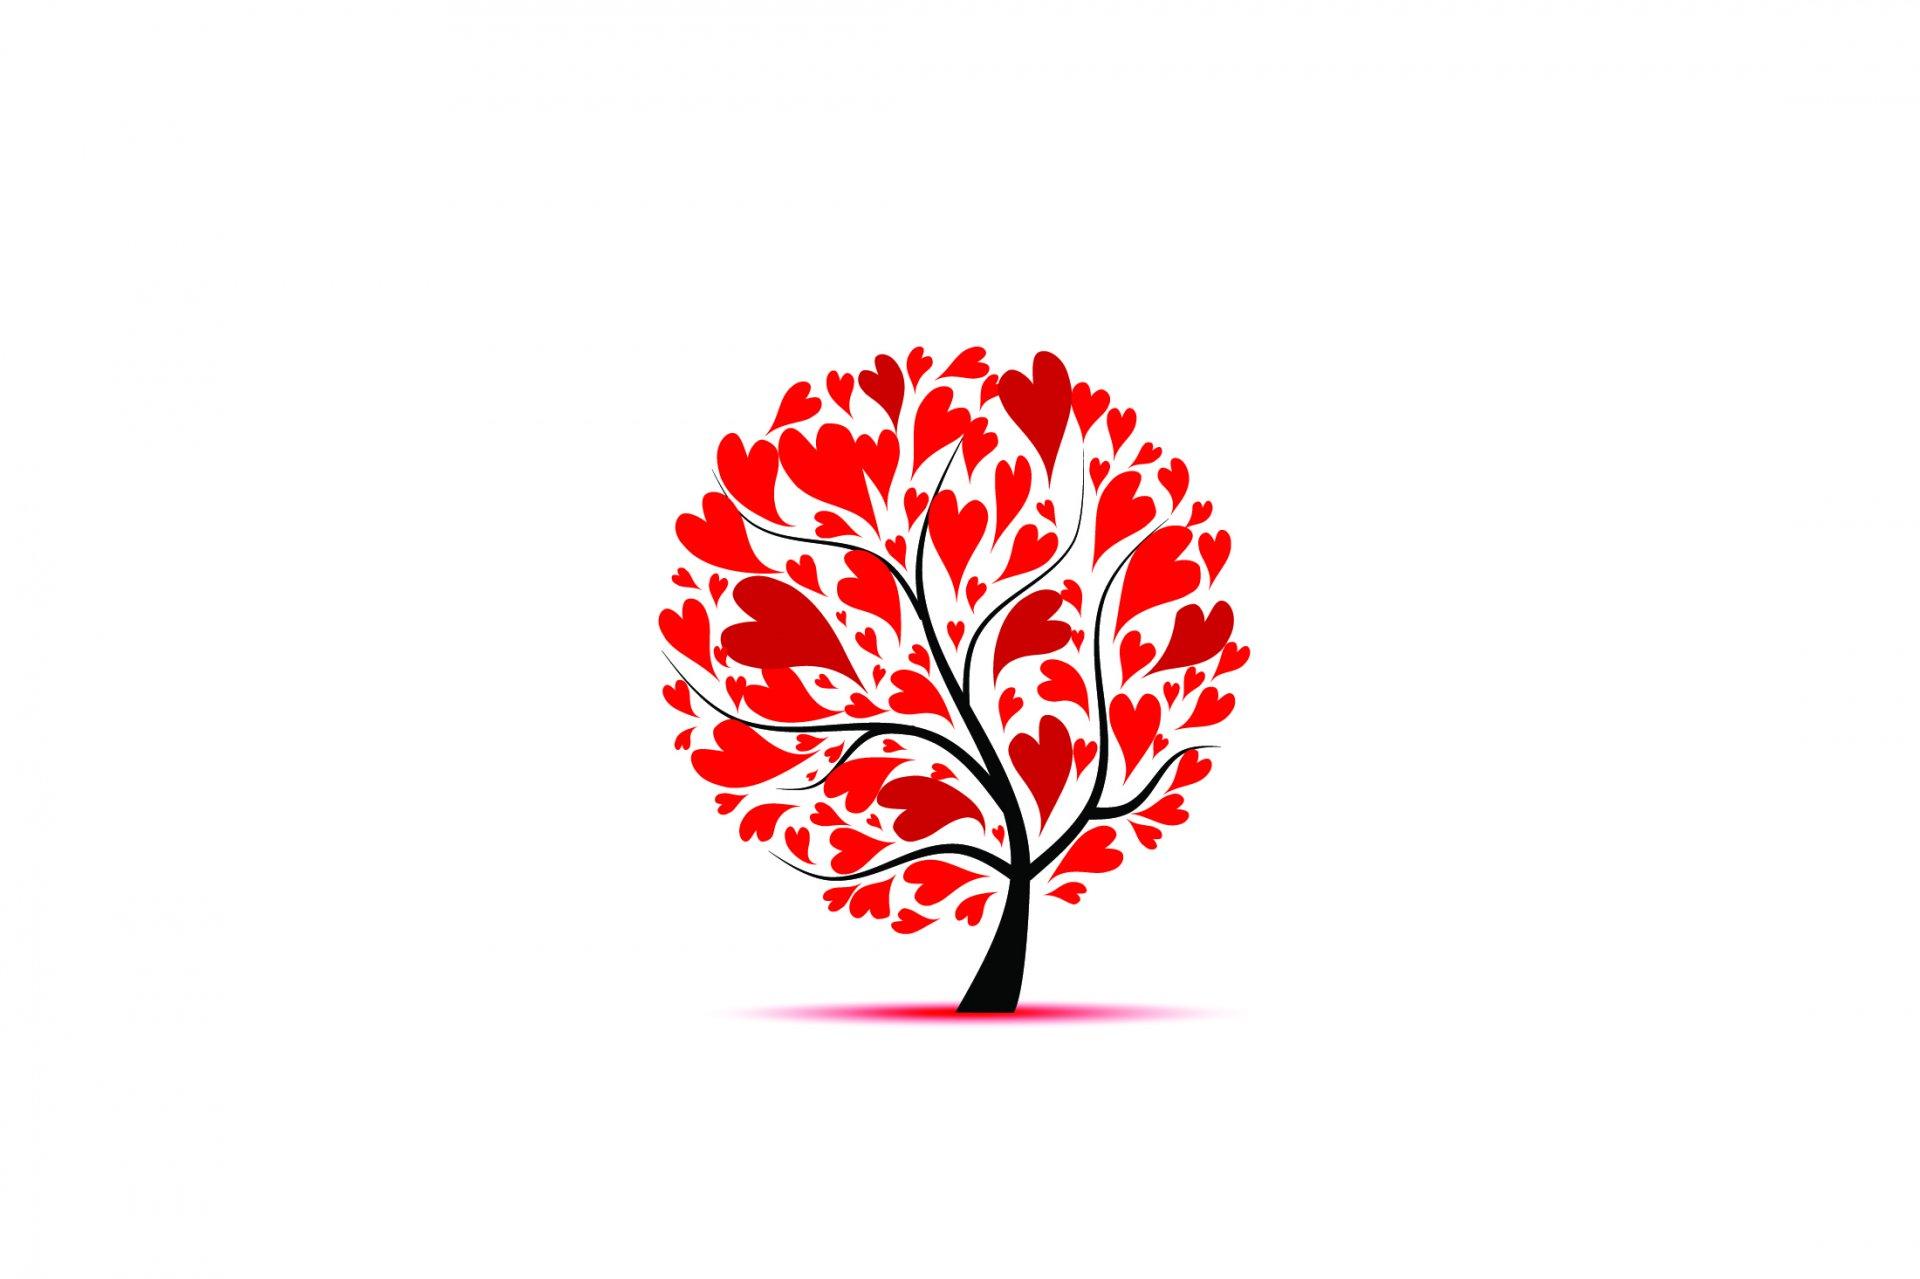 дерево сердца без смс